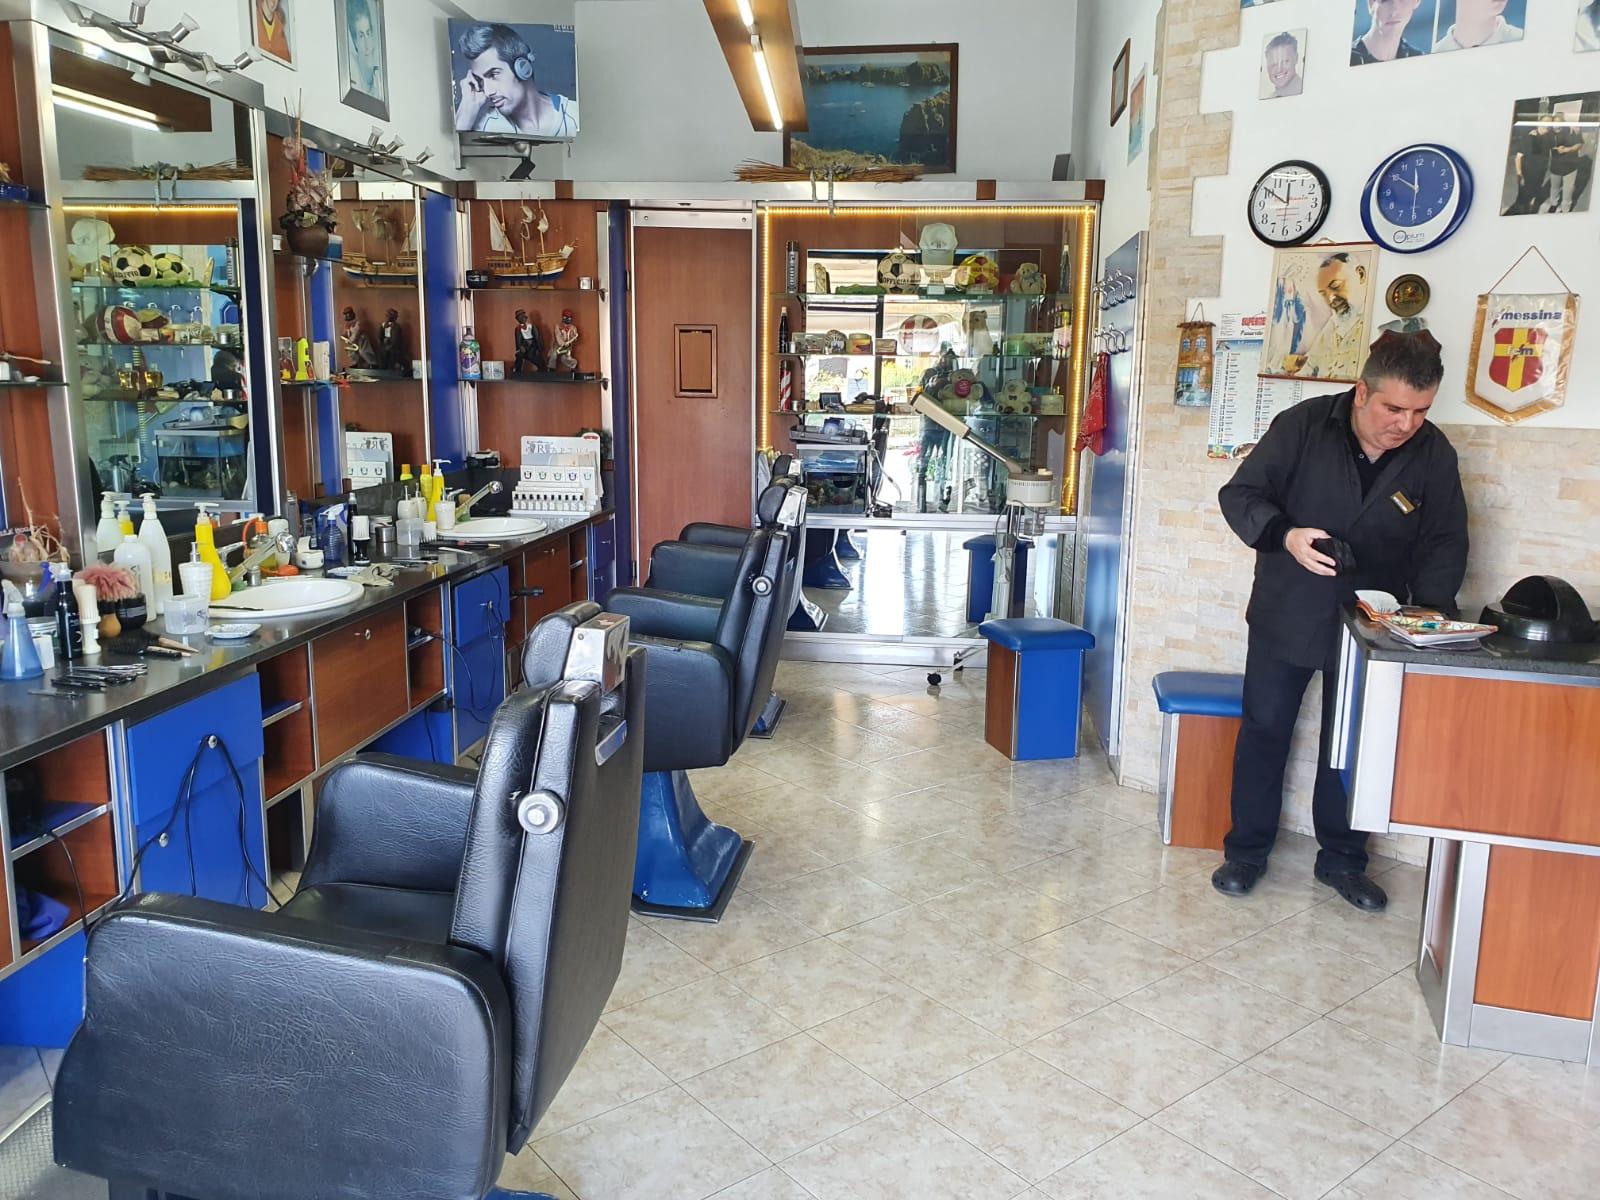 """Messina """"ultrarossa"""", da mercoledì chiudono barbieri e parrucchieri. LEGGI IL REGOLAMENTO"""